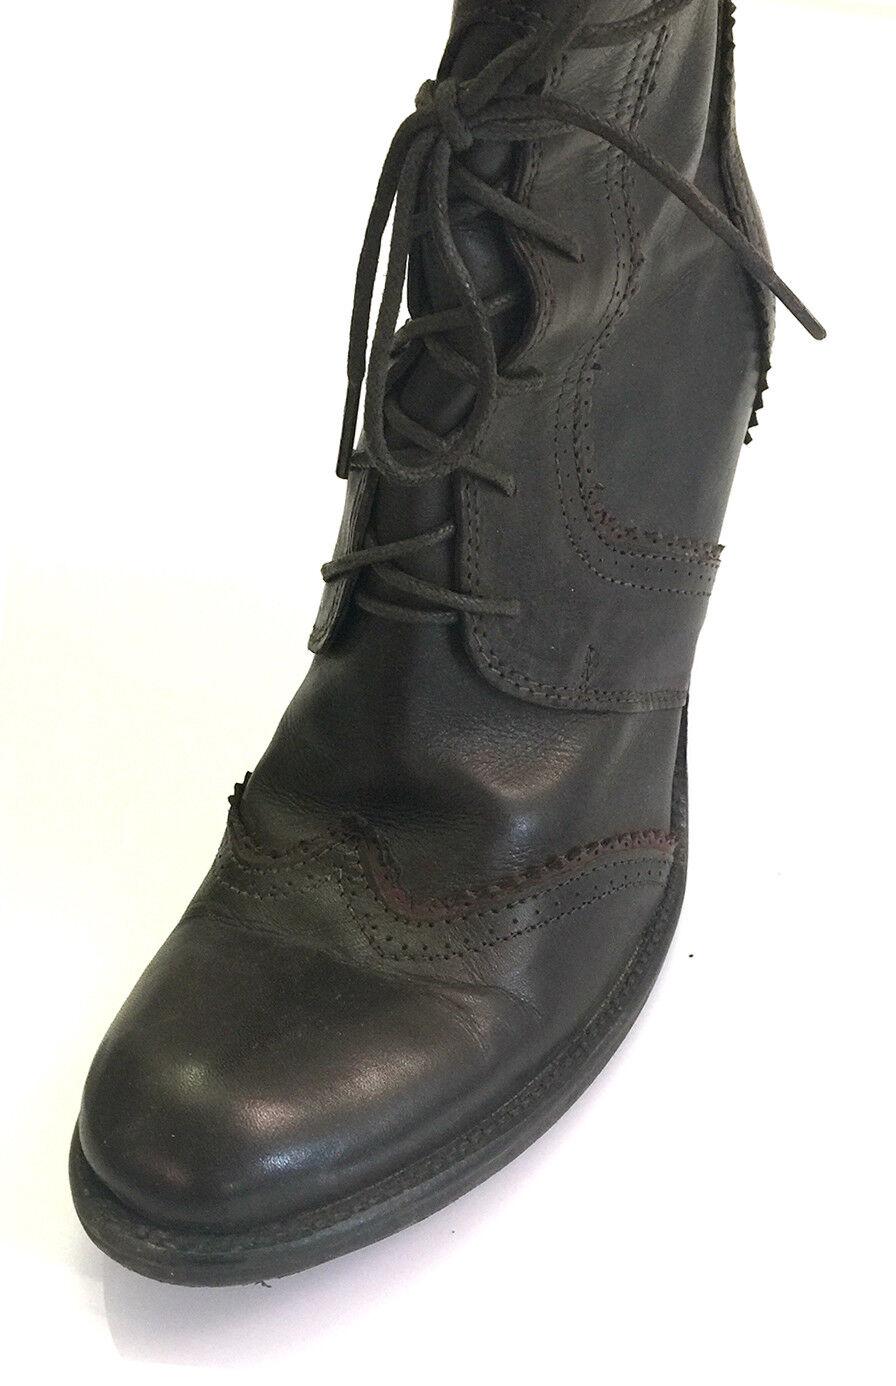 Sehr schöne Leder-Stiefel, handgenäht, dunkelbraun, Gr. 41